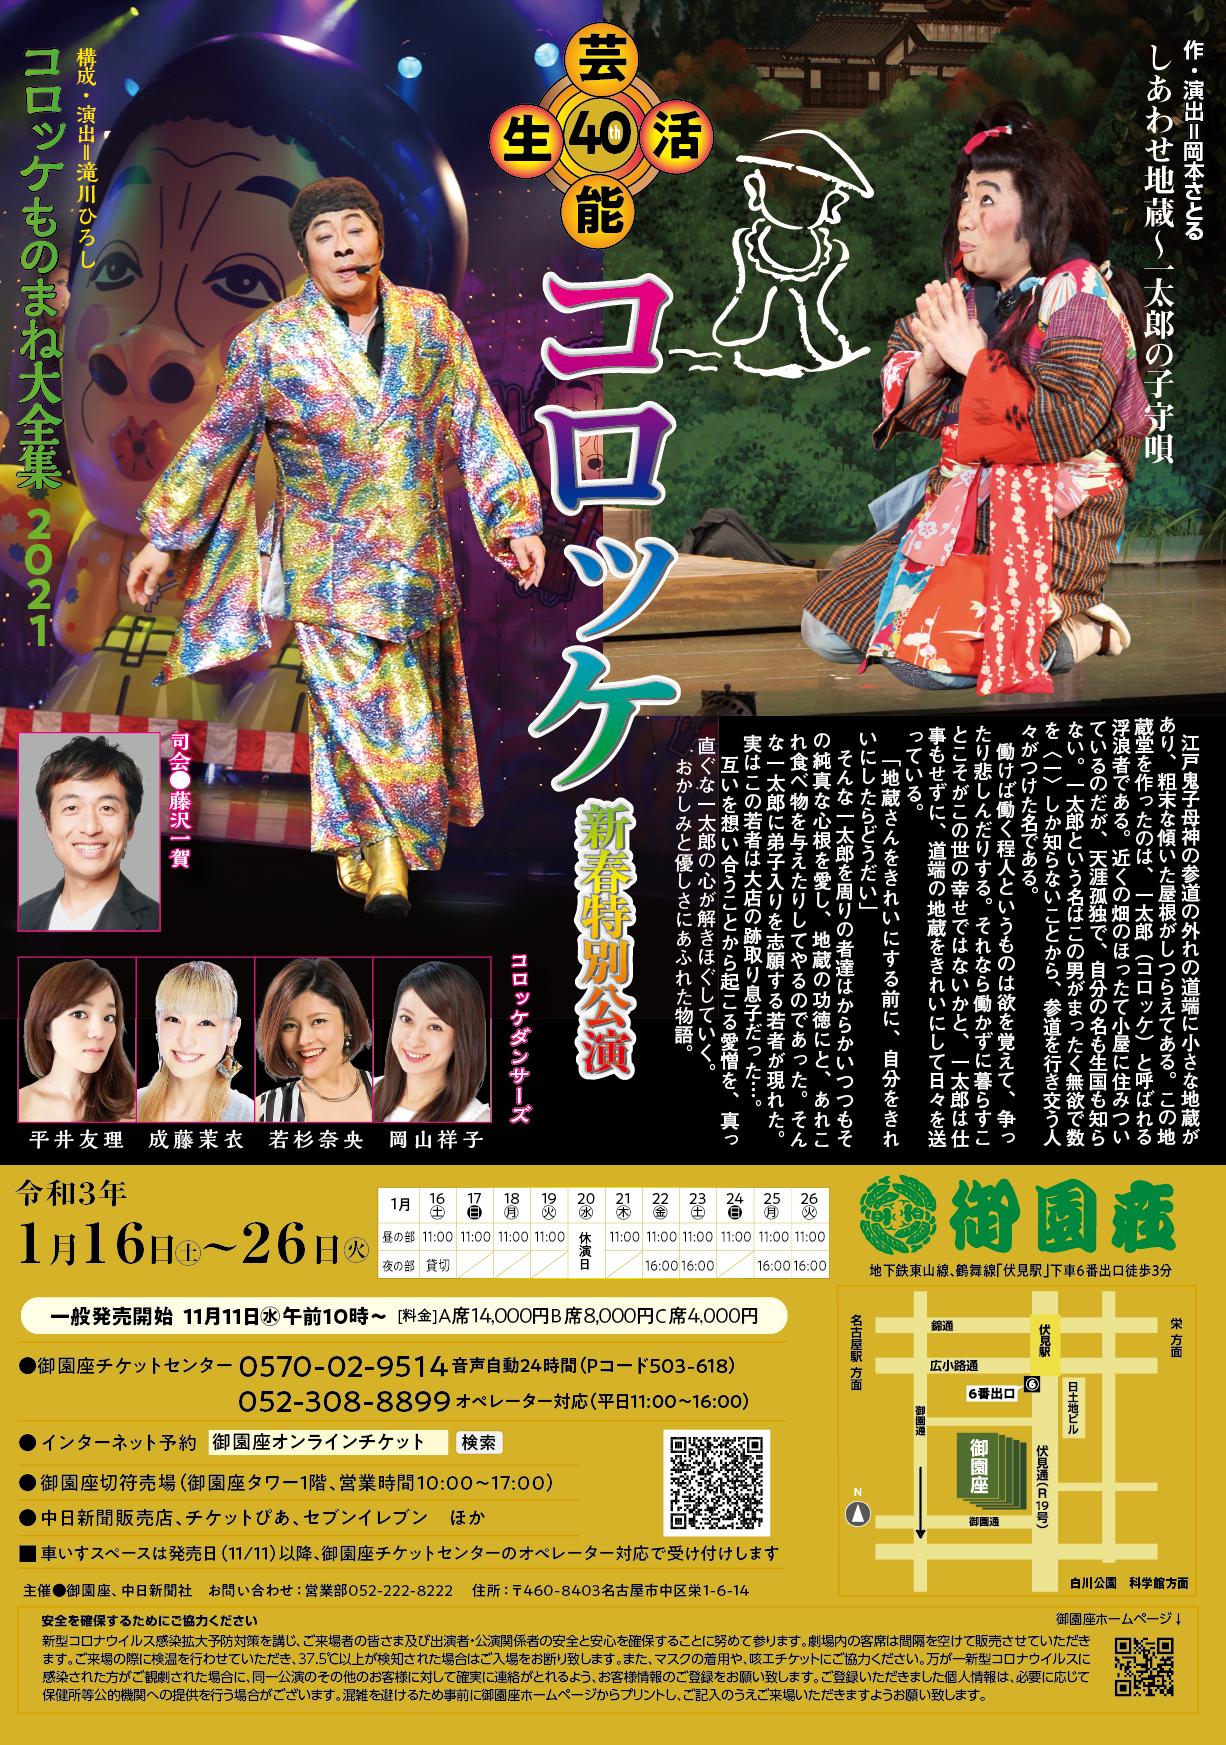 芸能生活40周年記念 コロッケ新春特別公演 ちらし